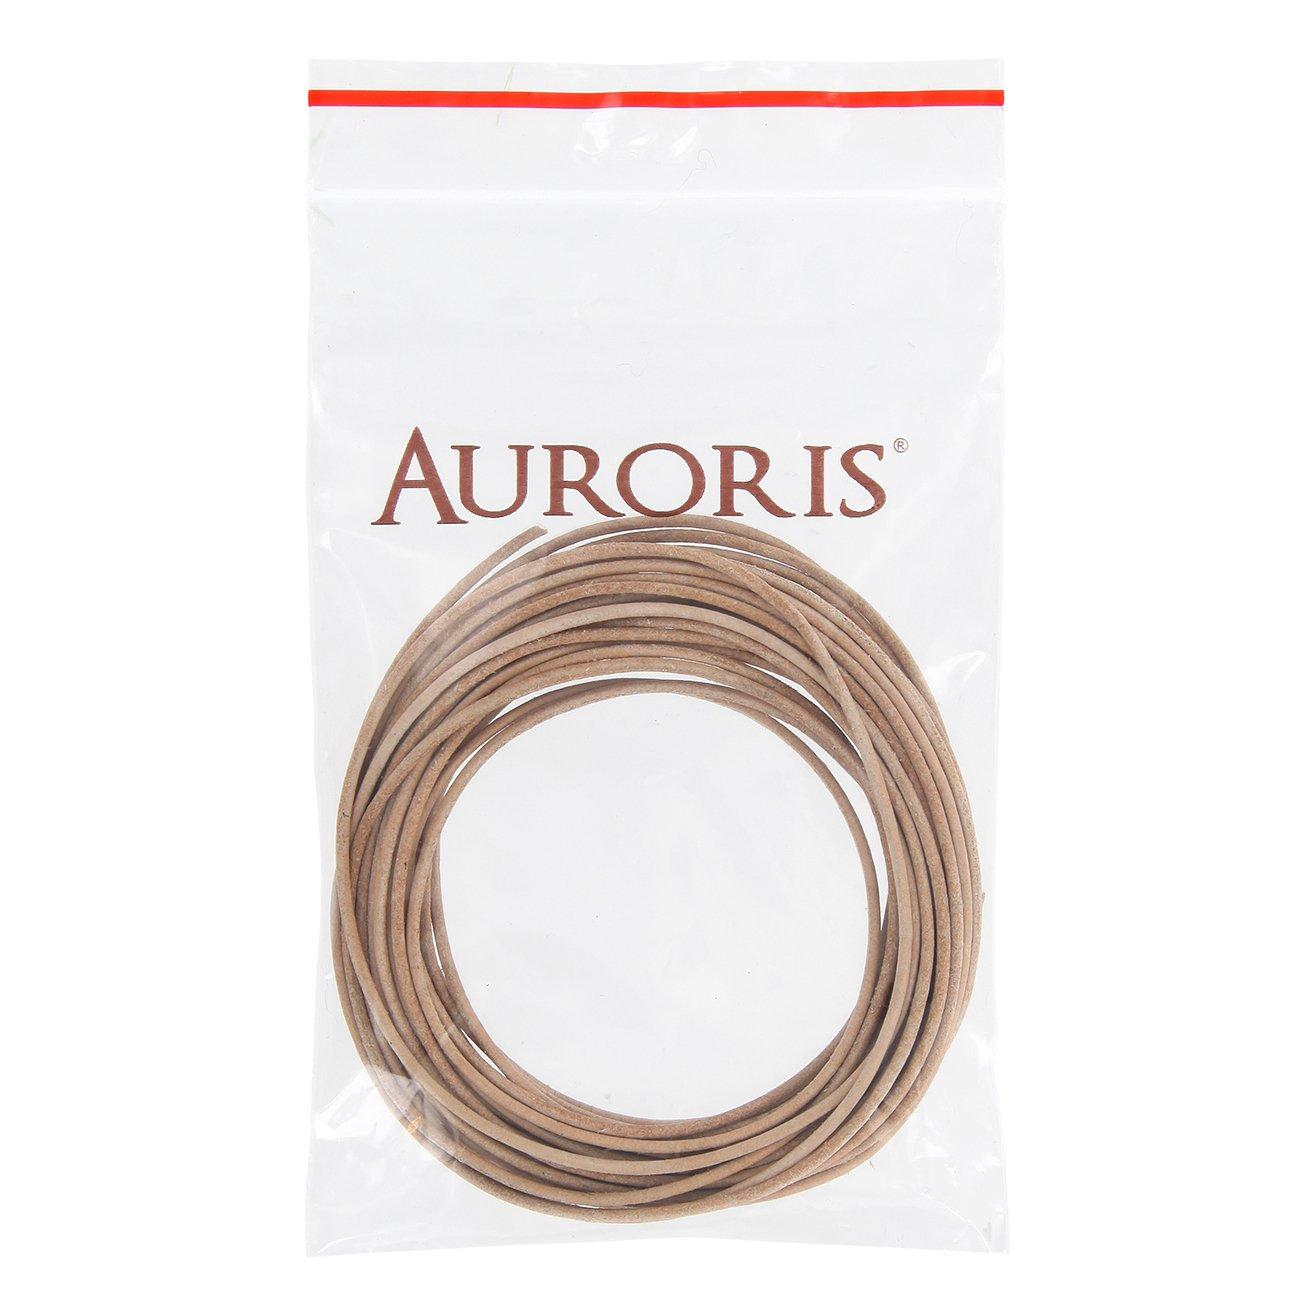 AURORIS ungef/ärbt 5m Lederband rund /Ø 1,5mm natur